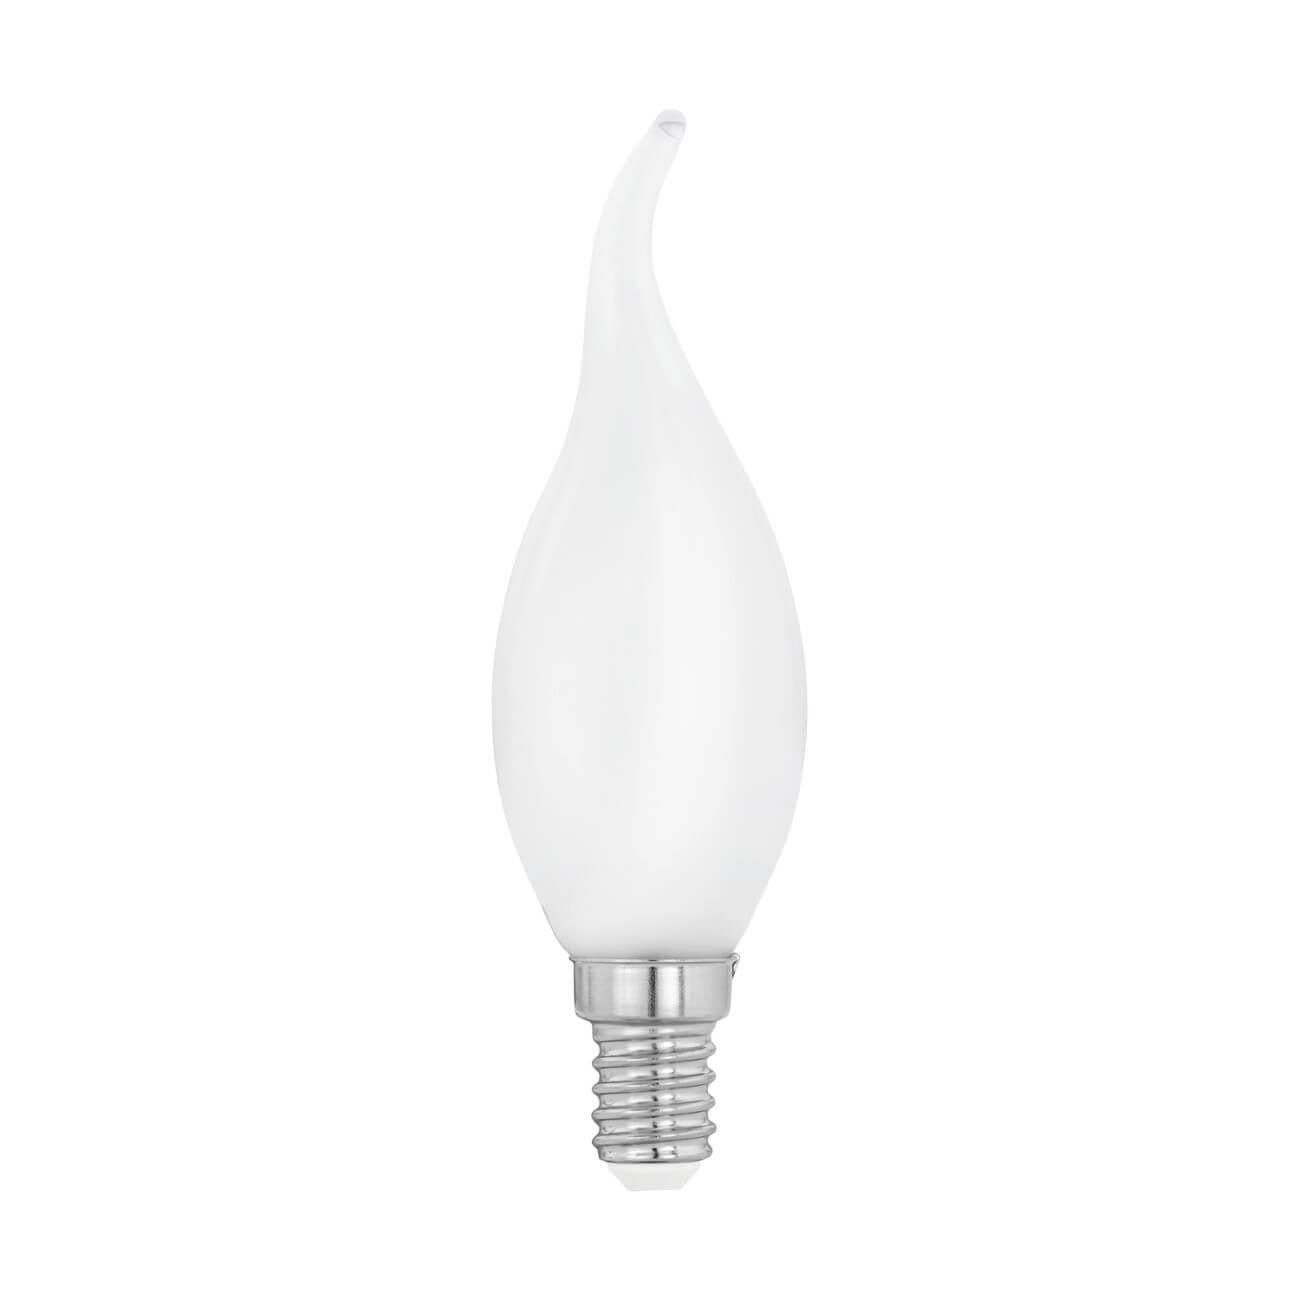 LED žiarovka E14/4W 2700K EGLO 11603